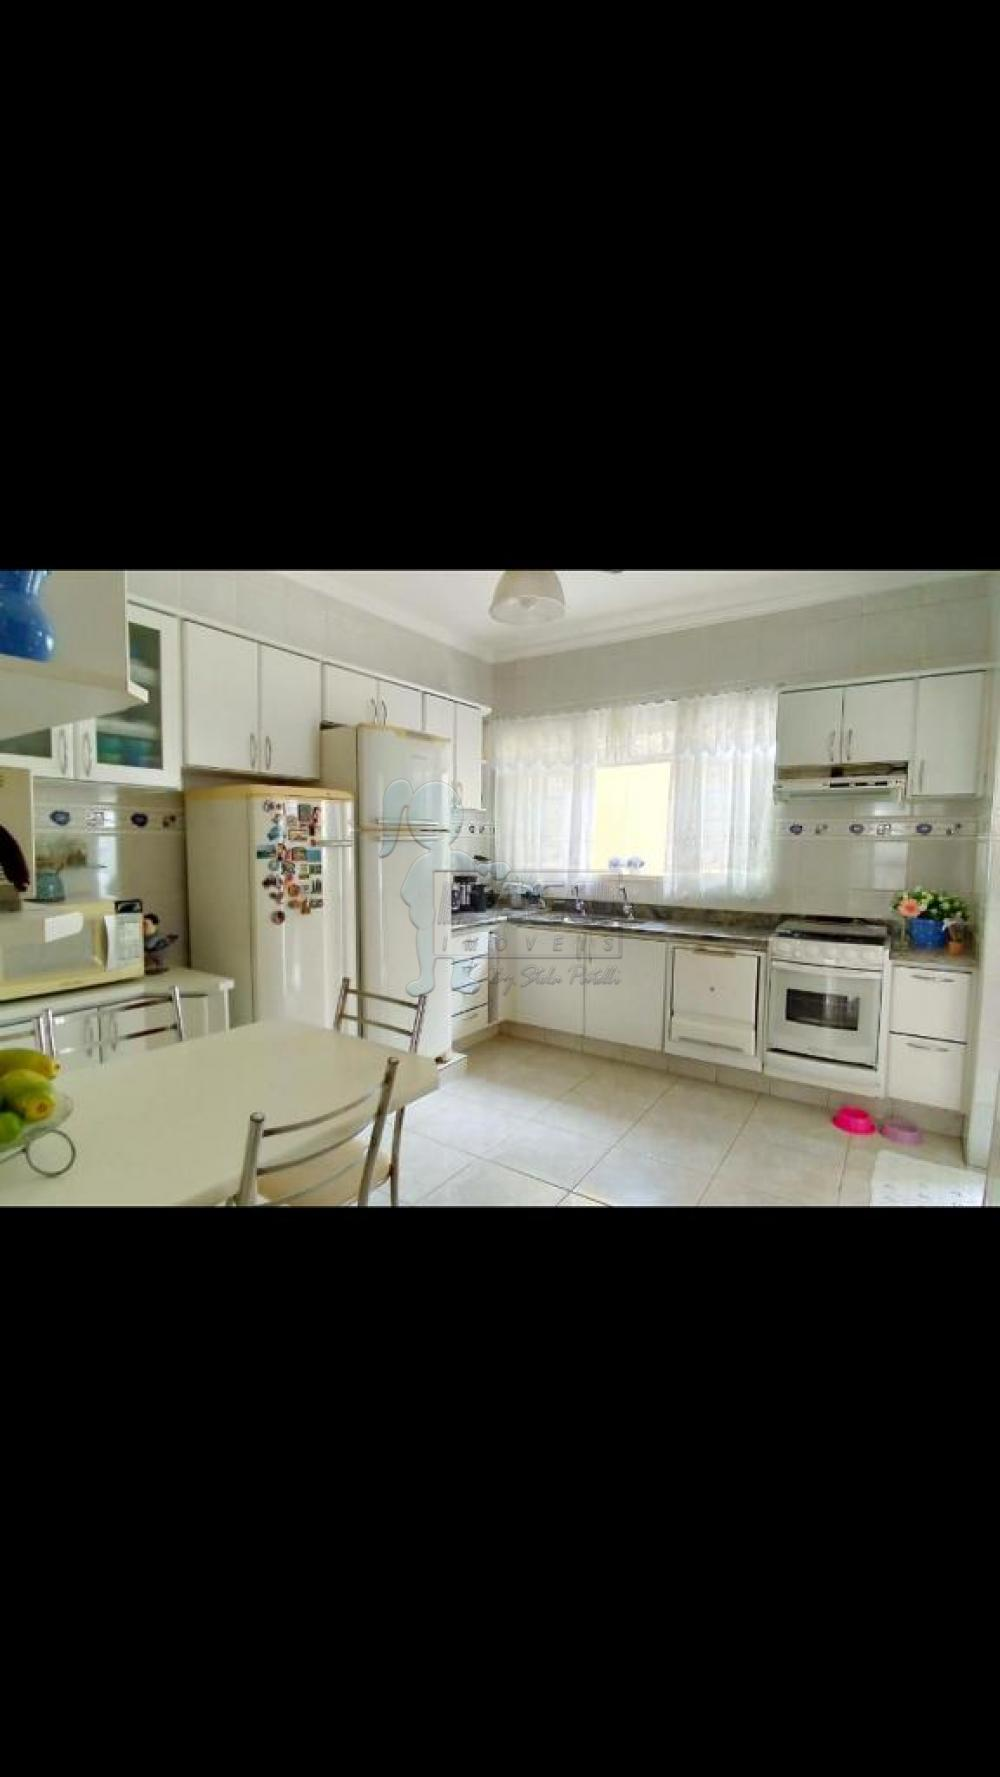 Comprar Casas / Padrão em Ribeirão Preto apenas R$ 850.000,00 - Foto 13